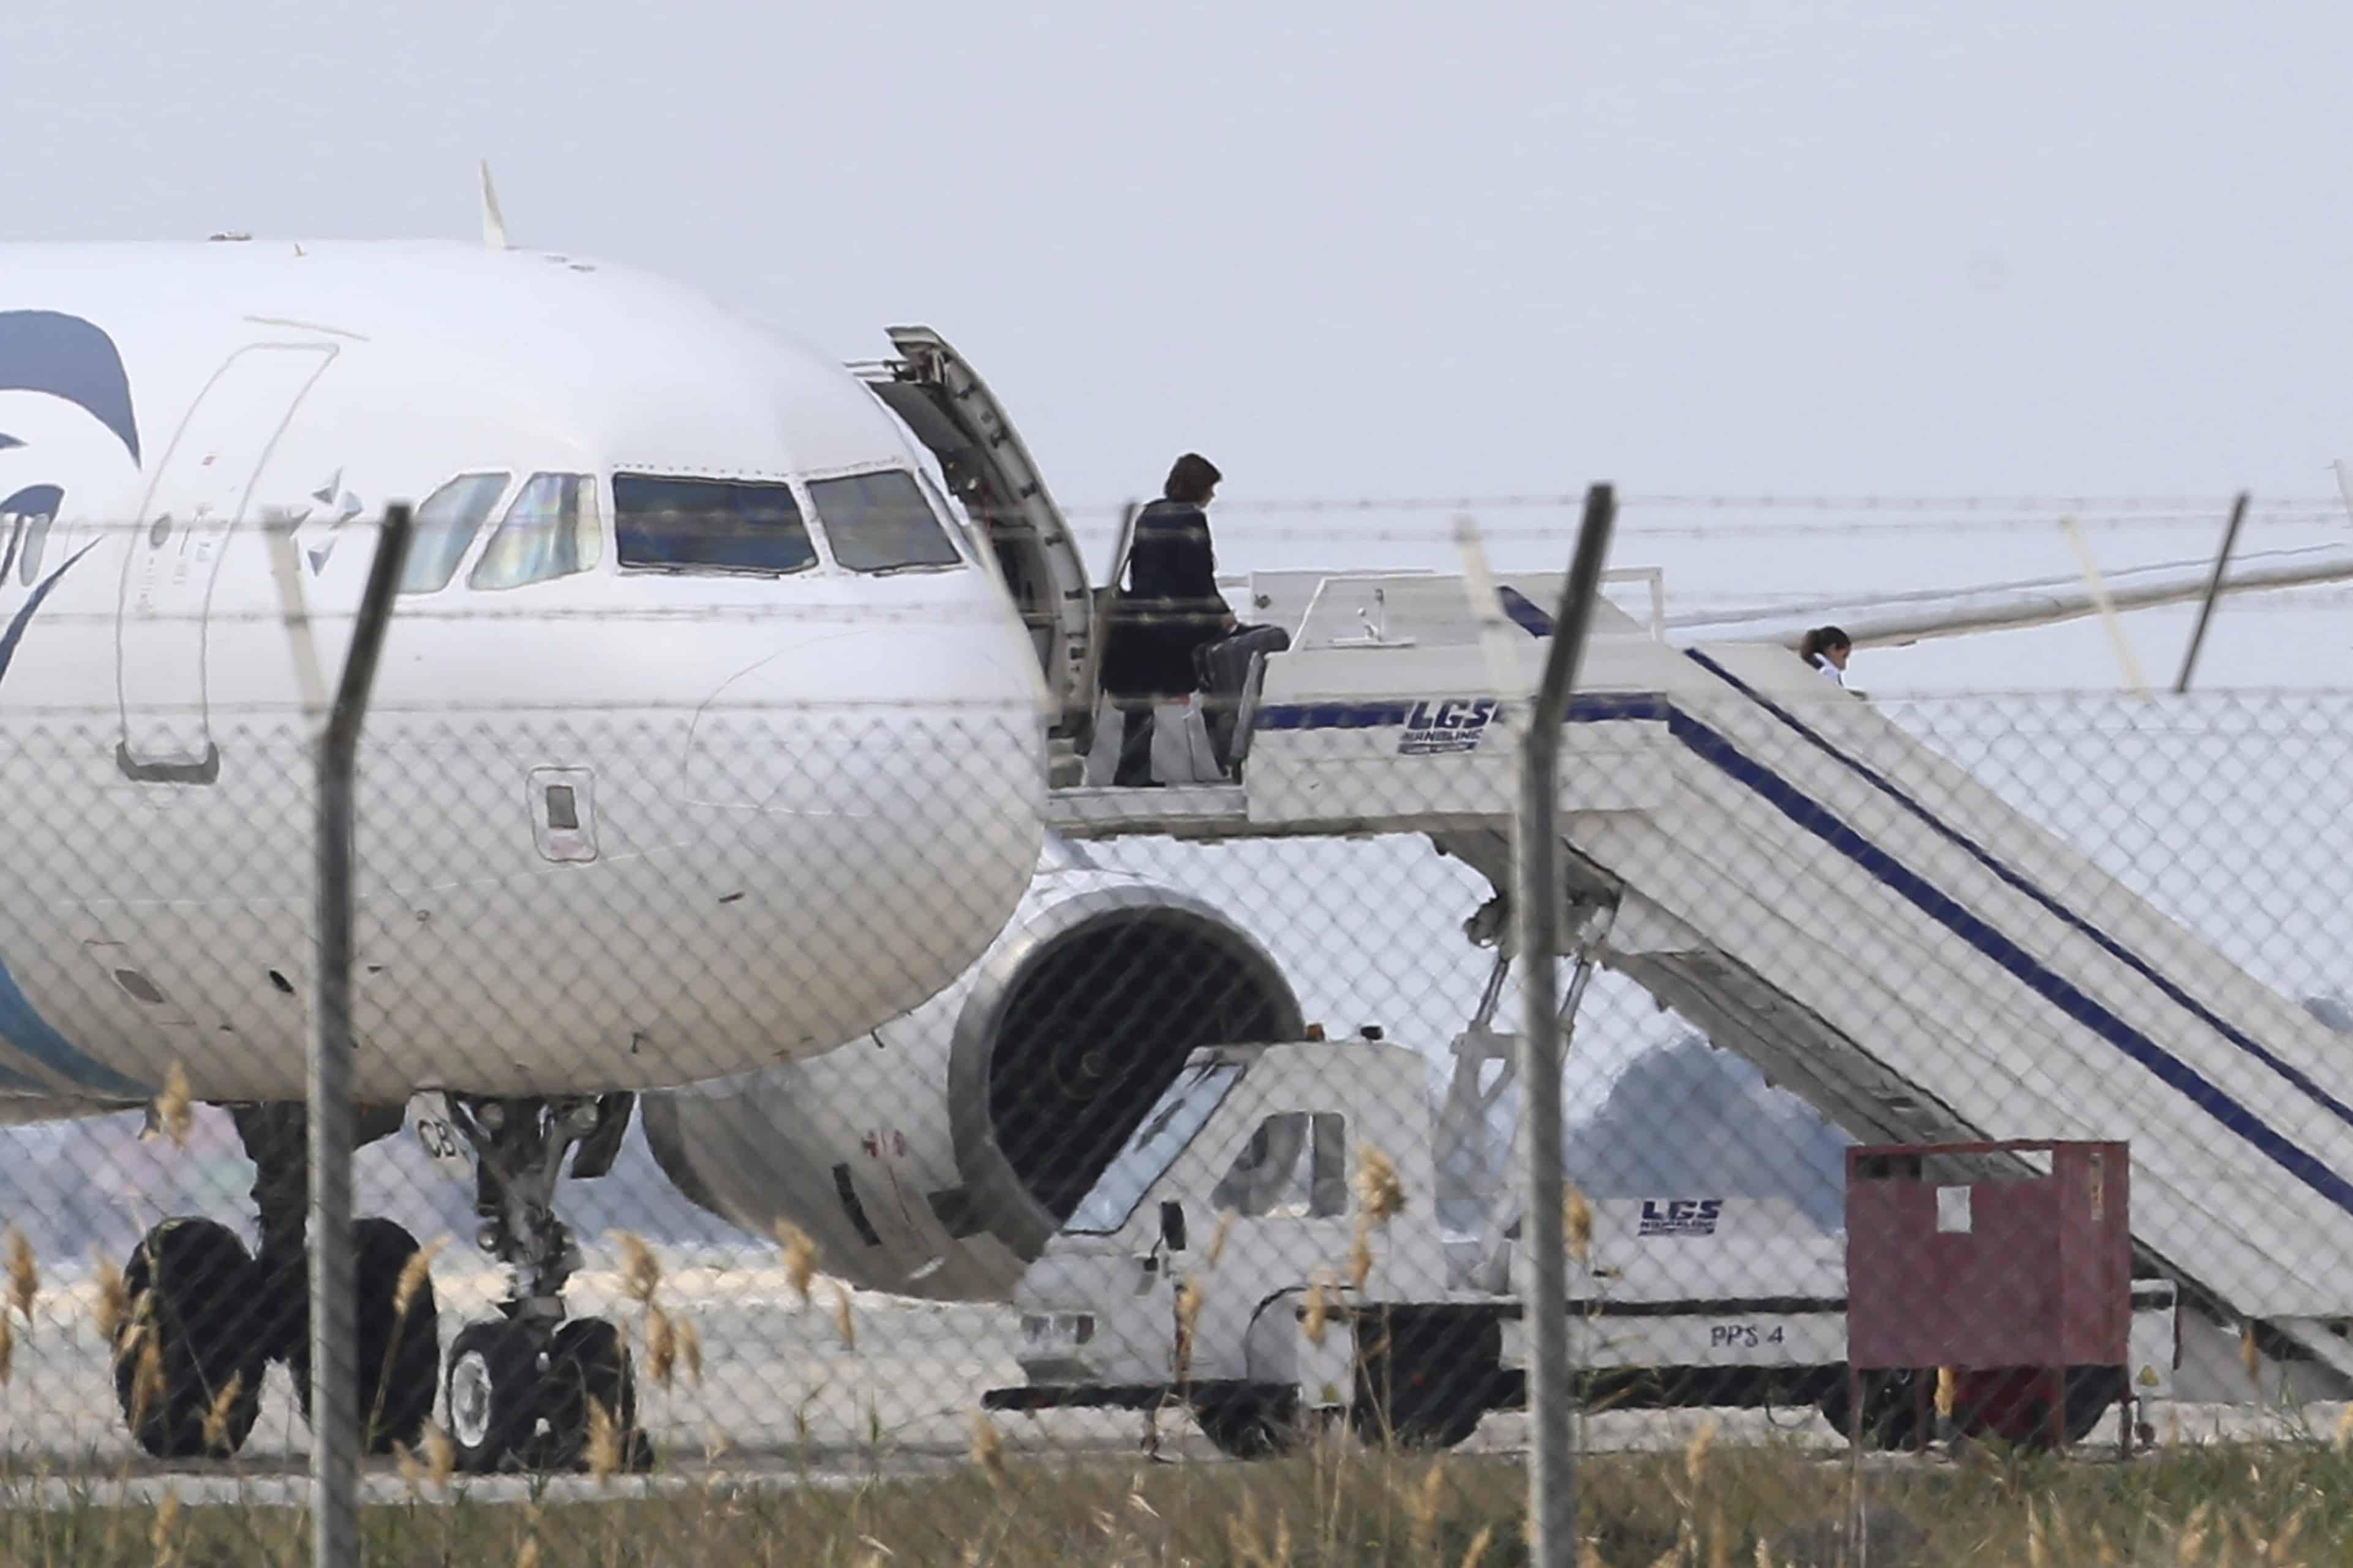 الخاطف اقتحم قمرة القيادة وهذا ما فعله بالطاقم.. تفاصيل اختطاف طائرة بنغالية كانت متجه إلى دبي